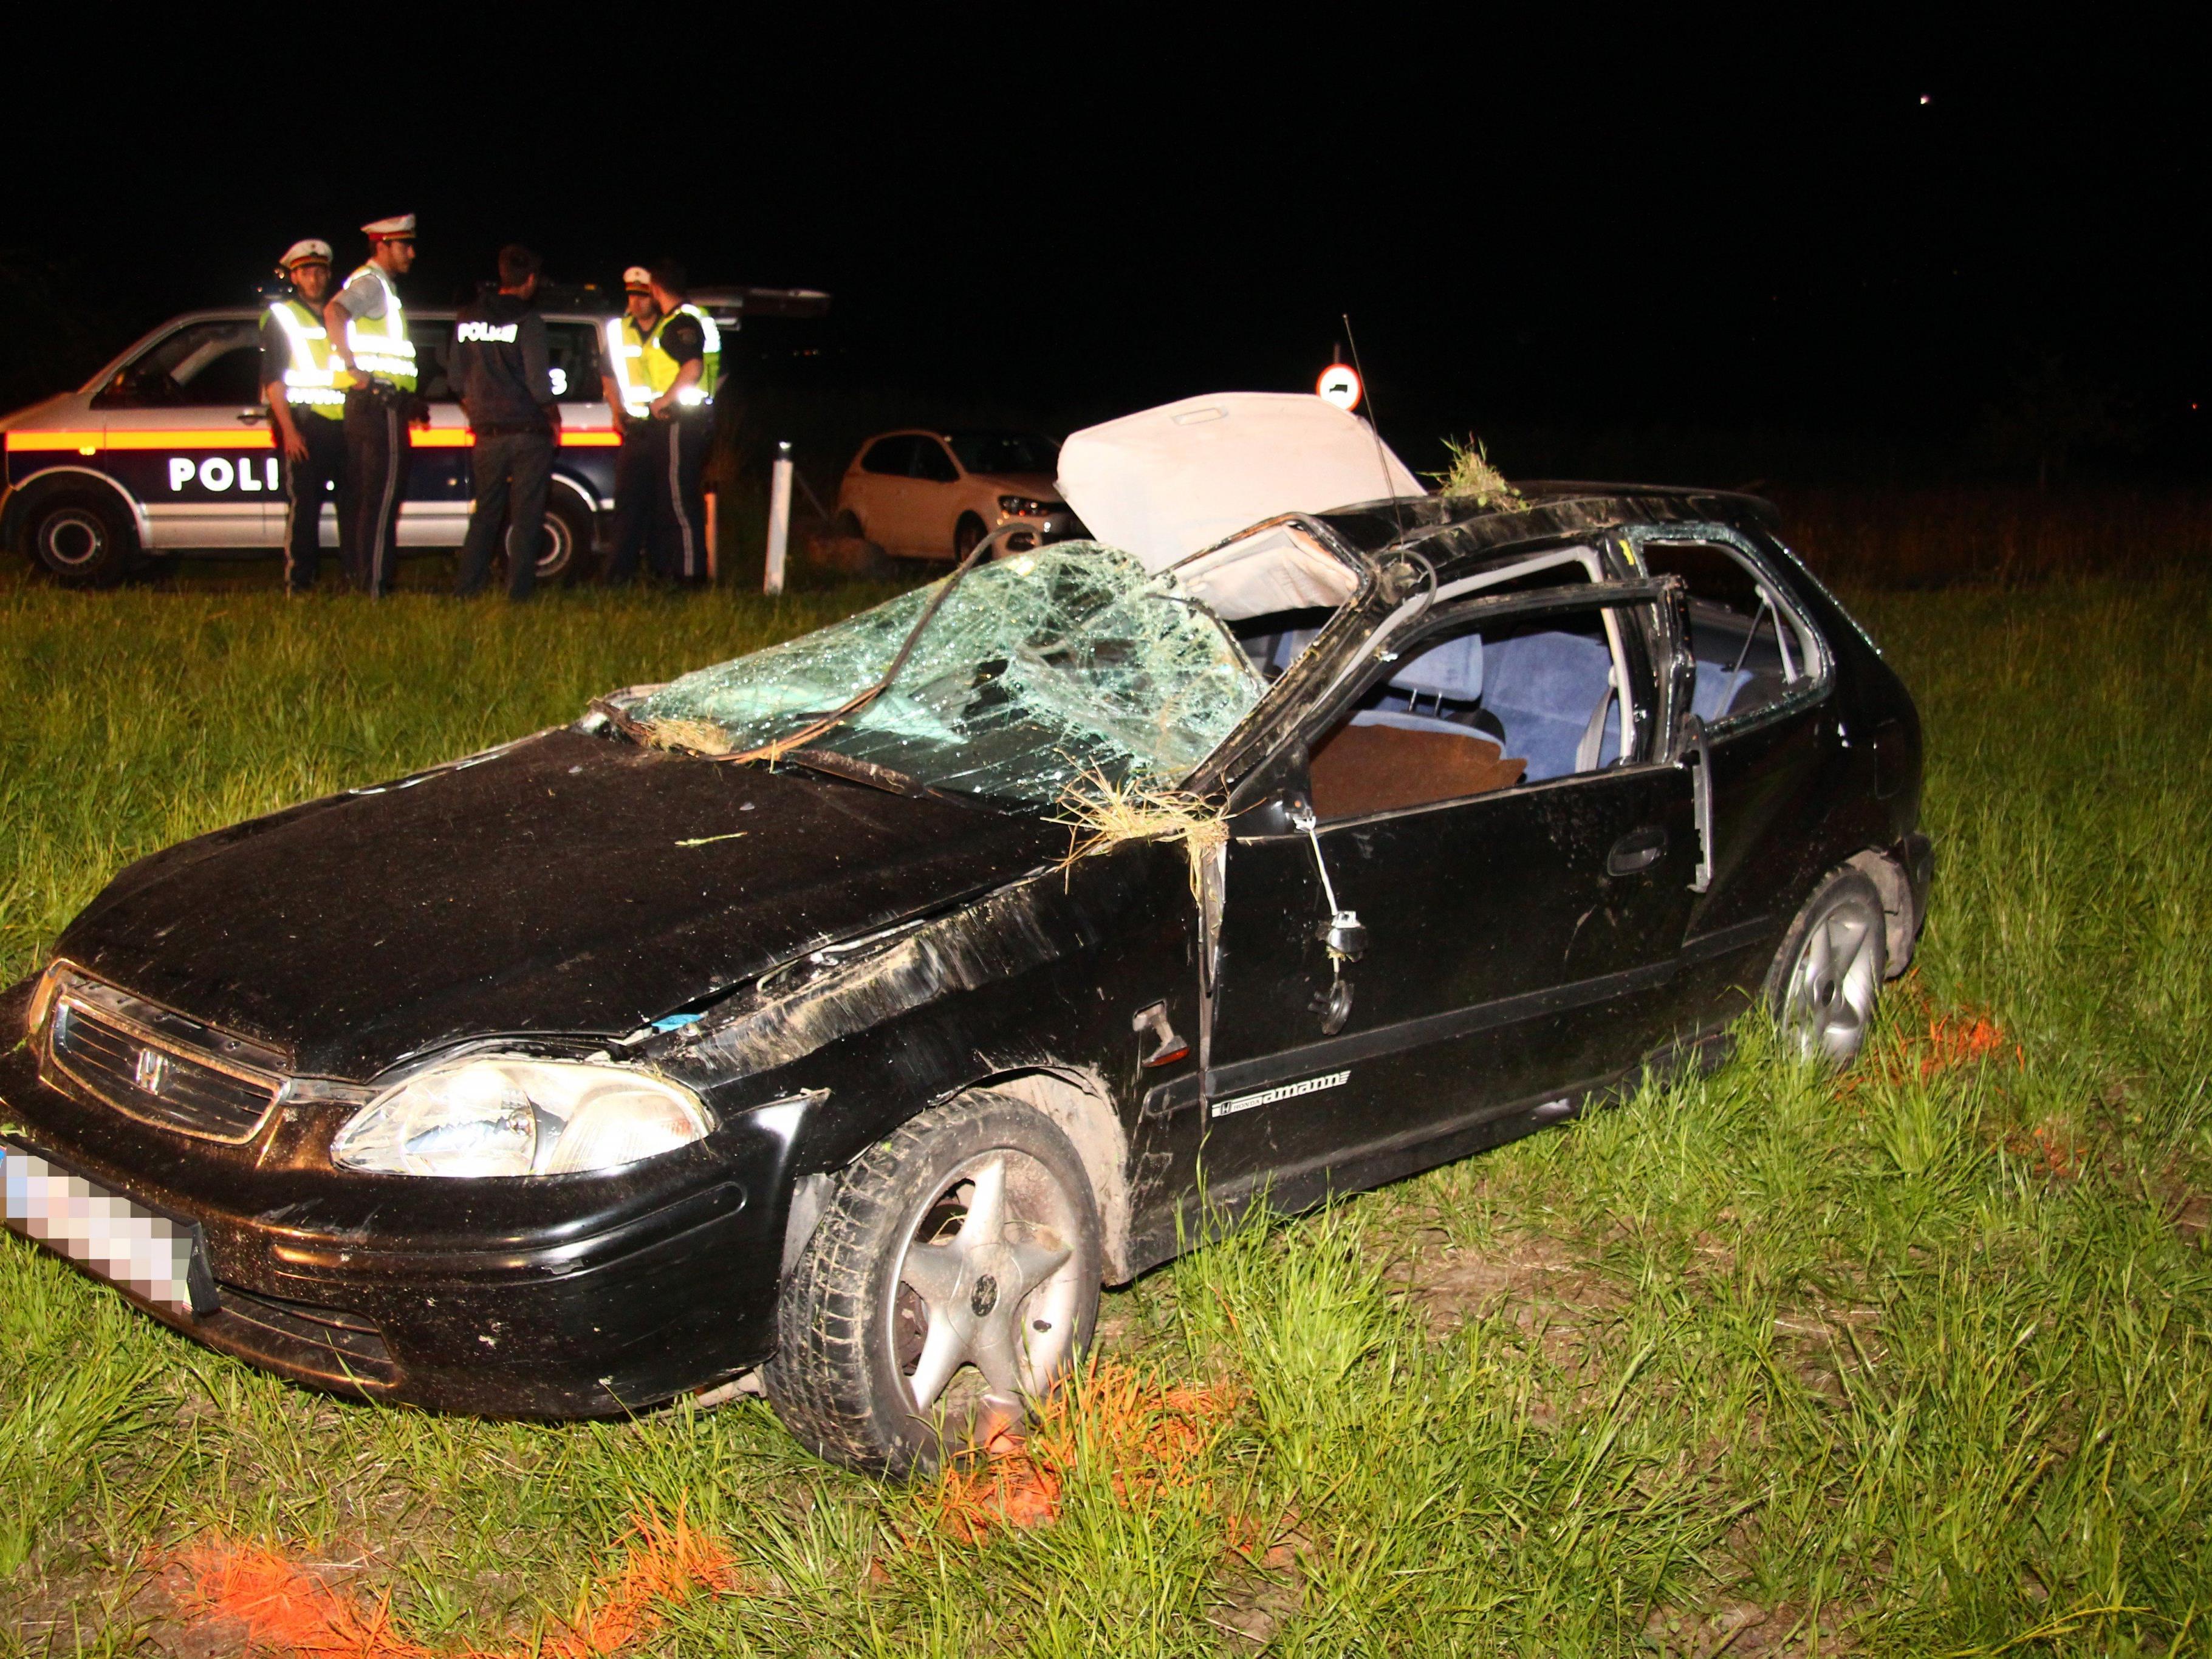 Am Wochenende dürfte mindestens ein Unfall durch illegale Straßenrennen verursacht worden sein.